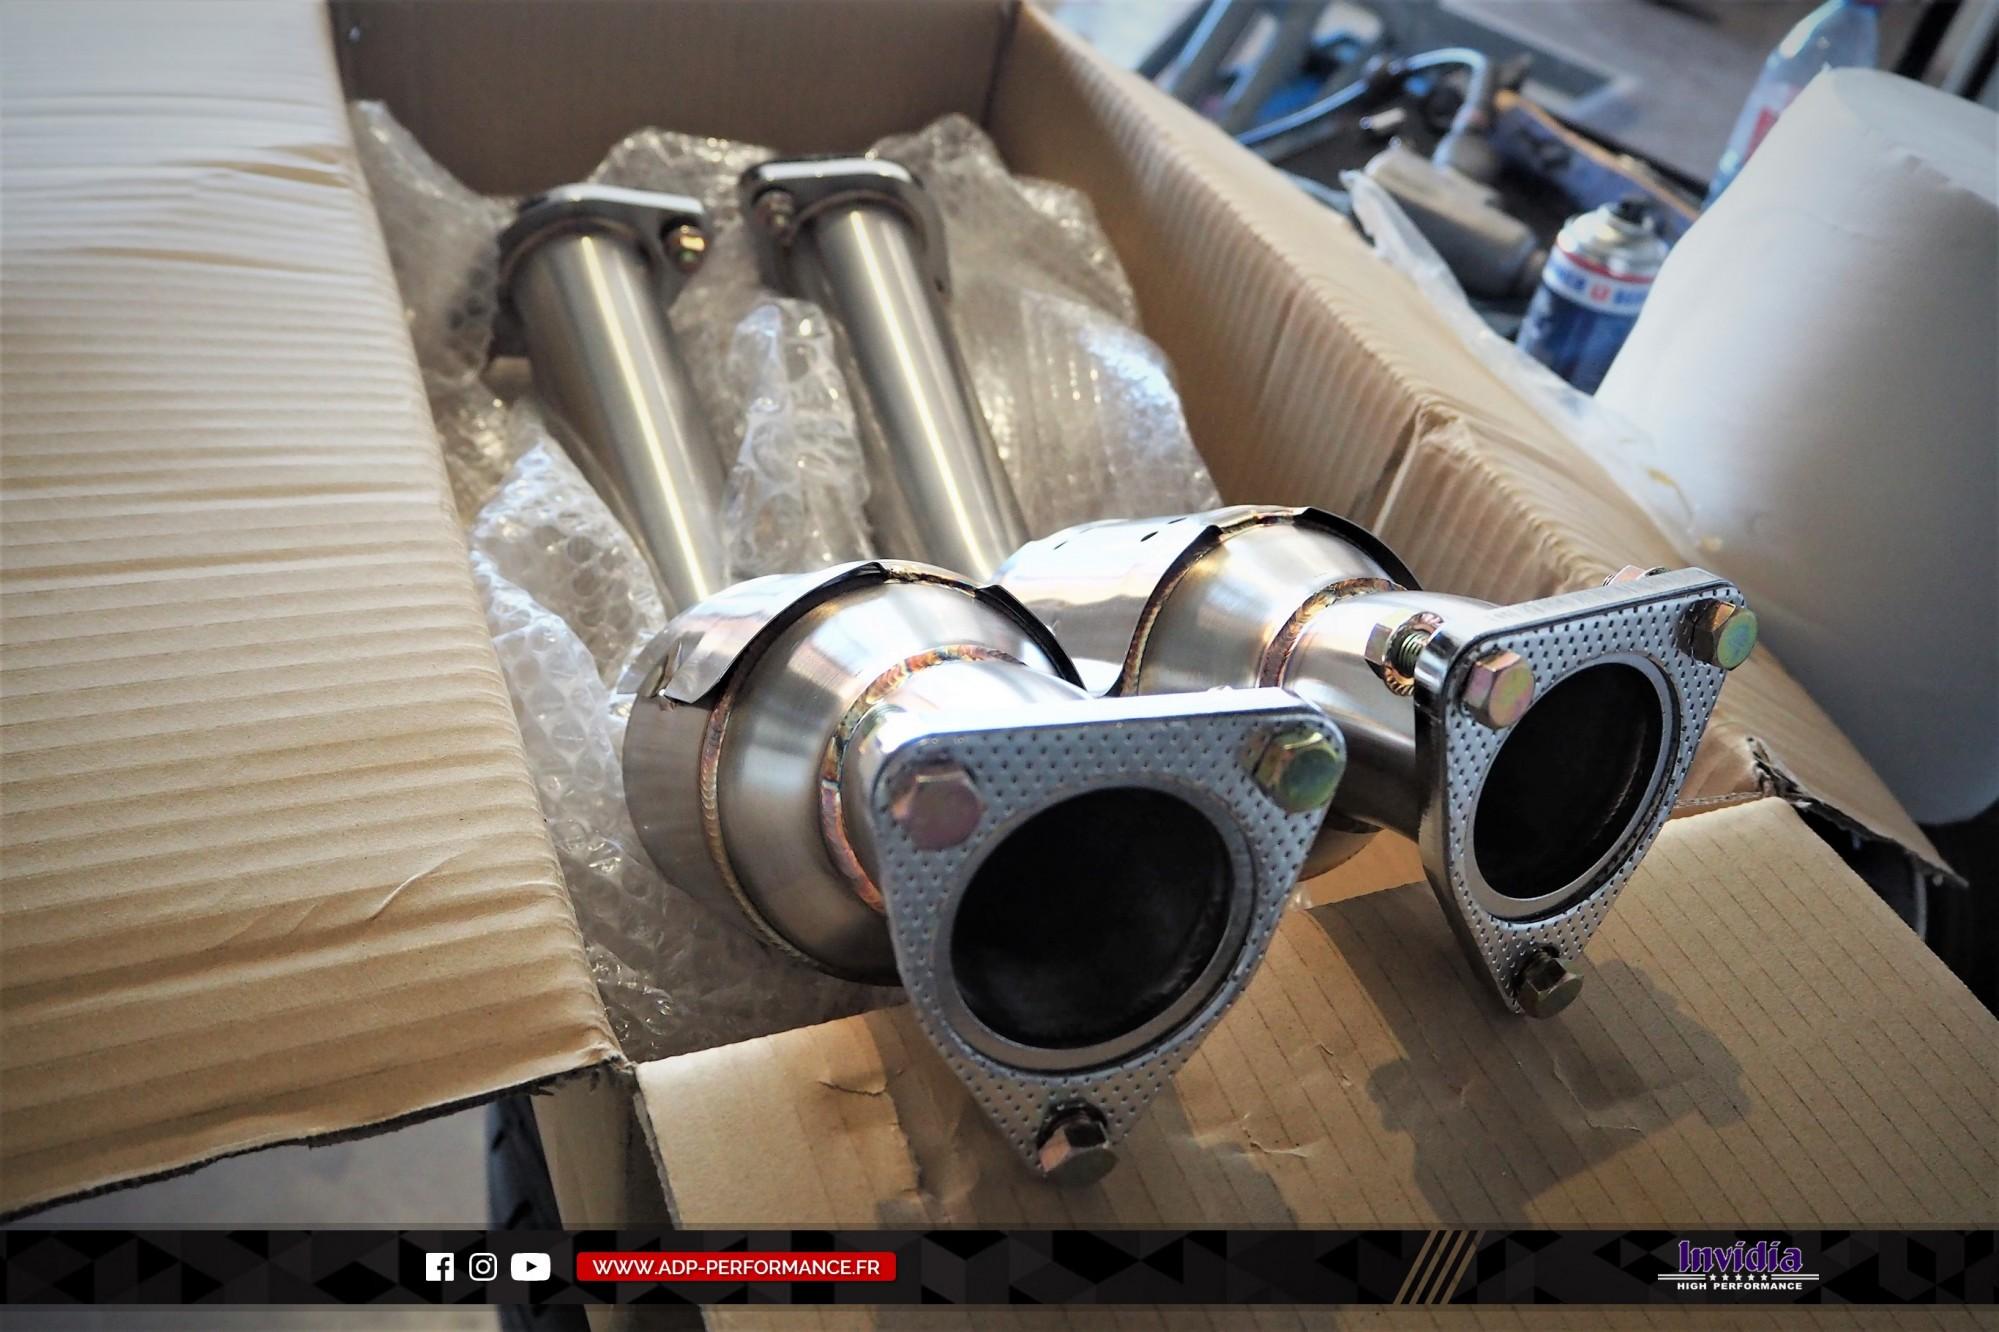 Catalyseur sport Invidia Aix en Provence - Infiniti FX35 - ADP Performance